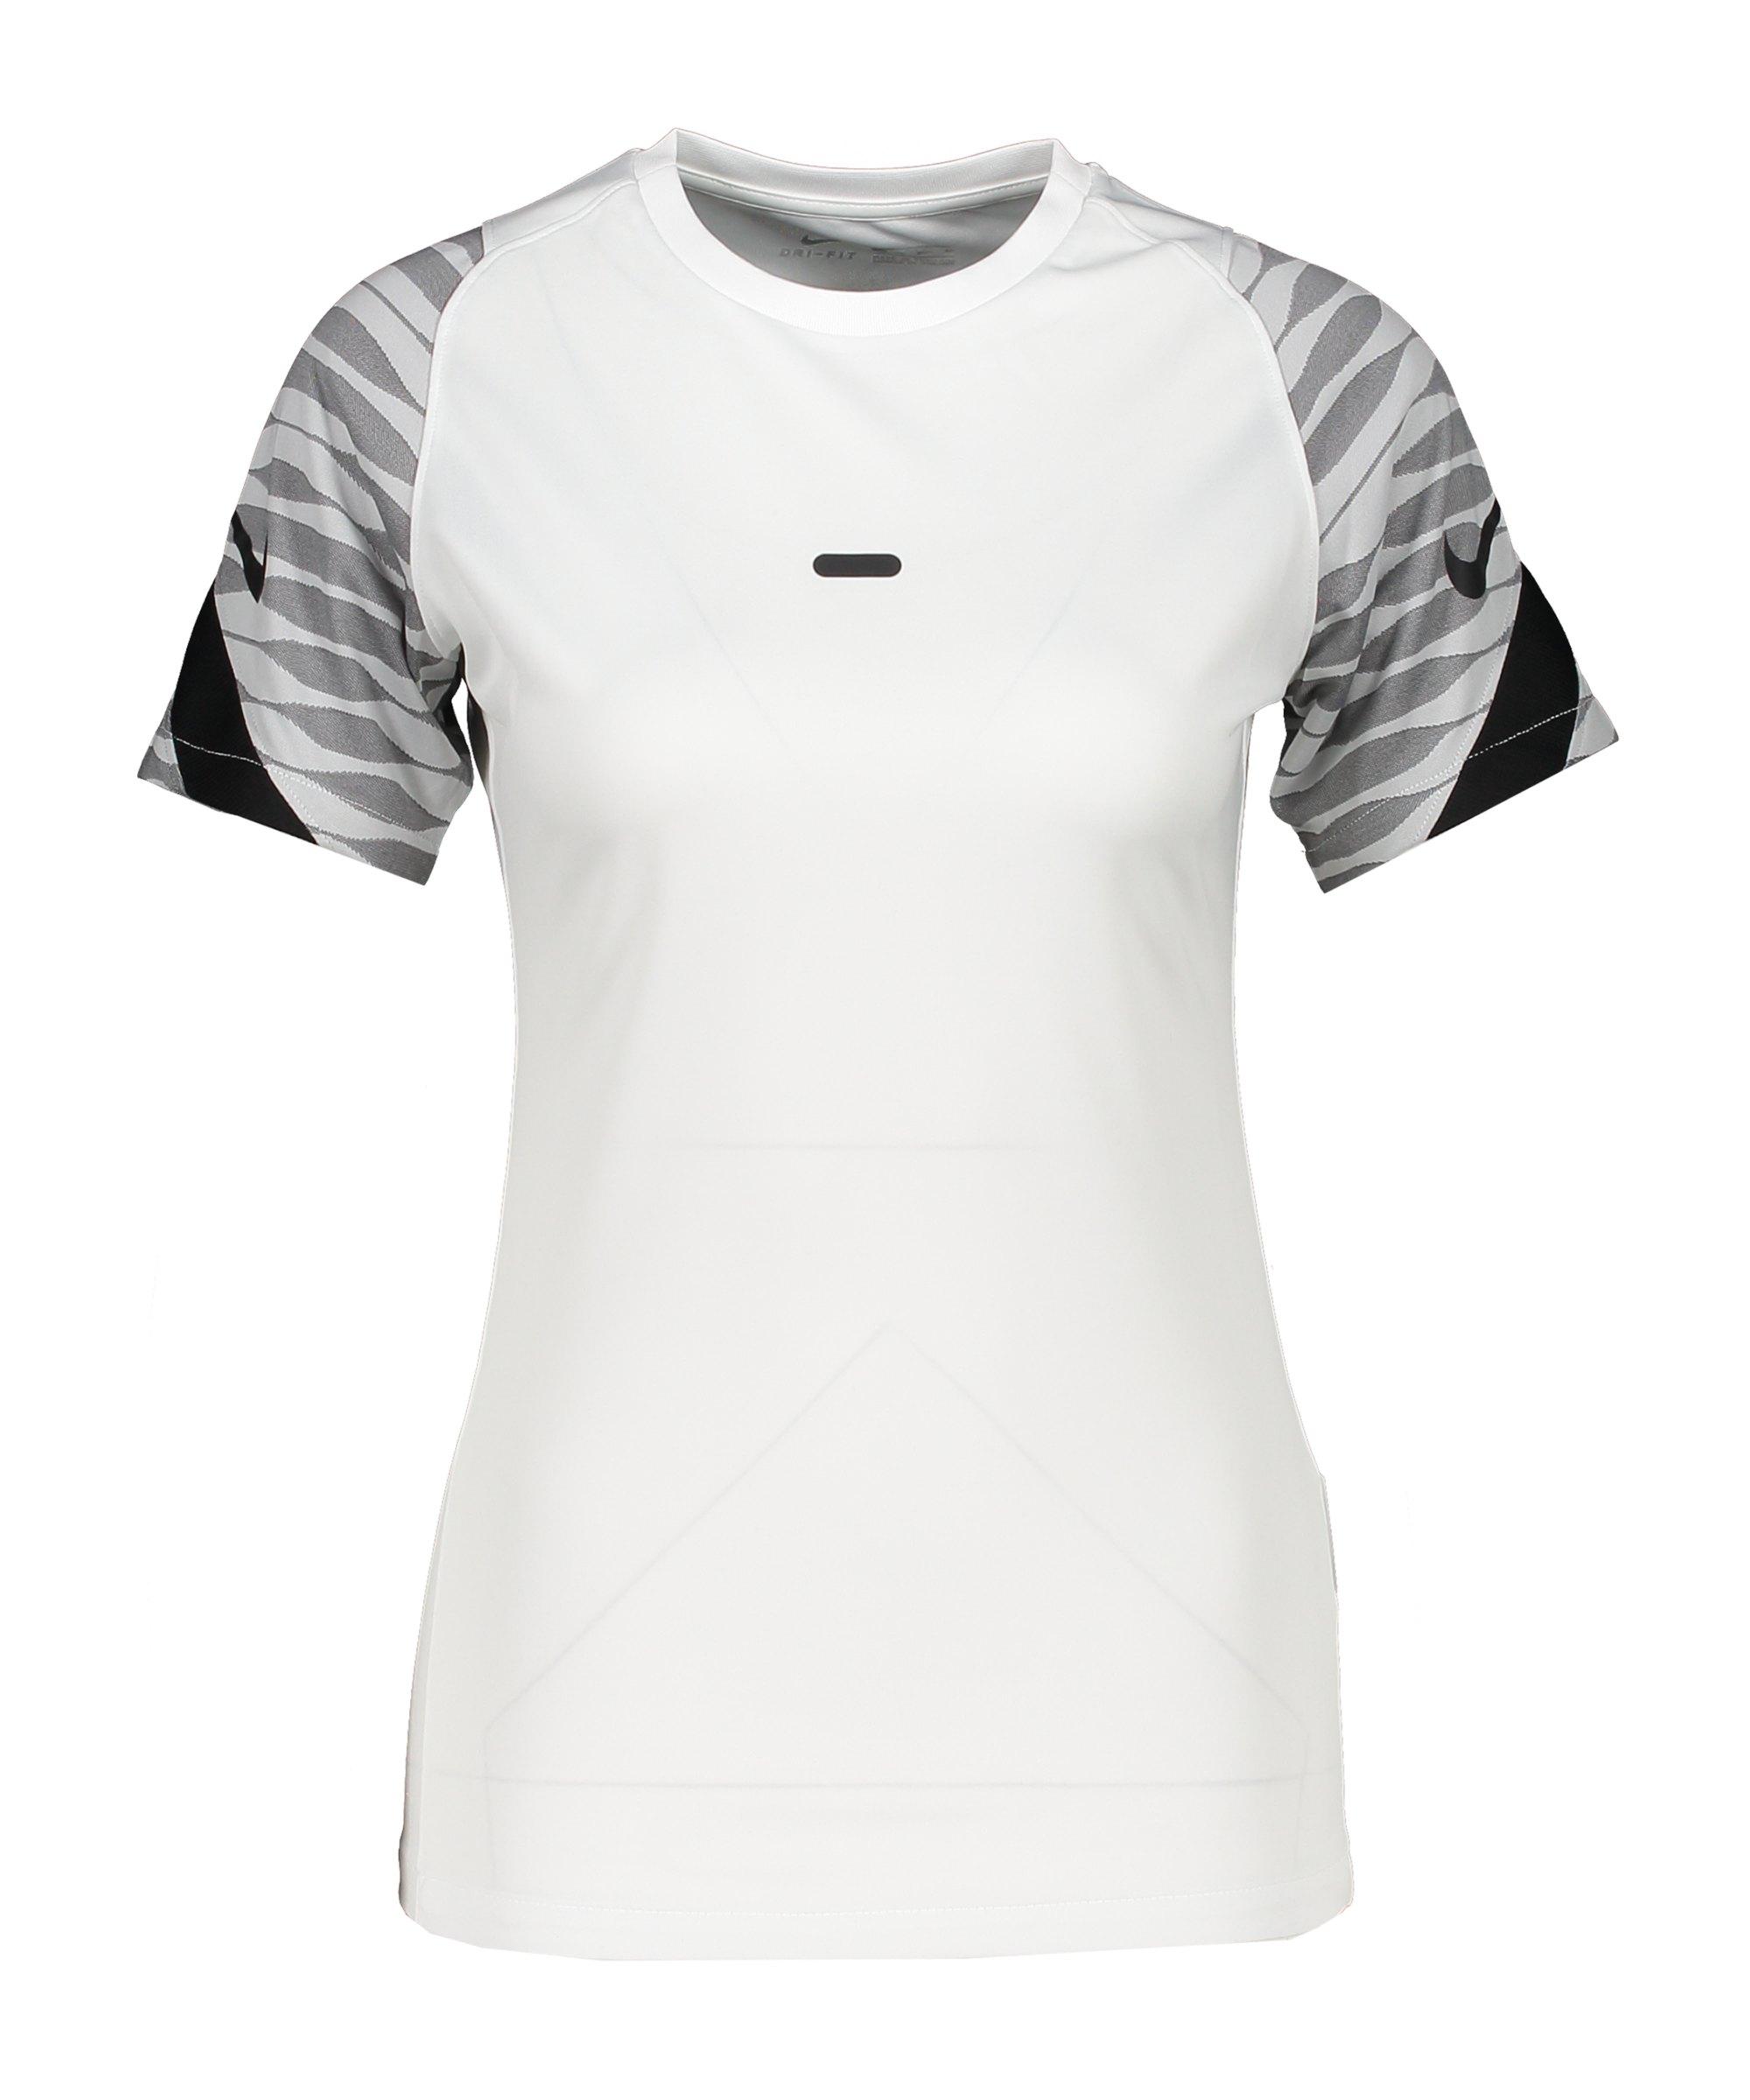 Nike Strike 21 T-Shirt Damen Weiss F100 - weiss